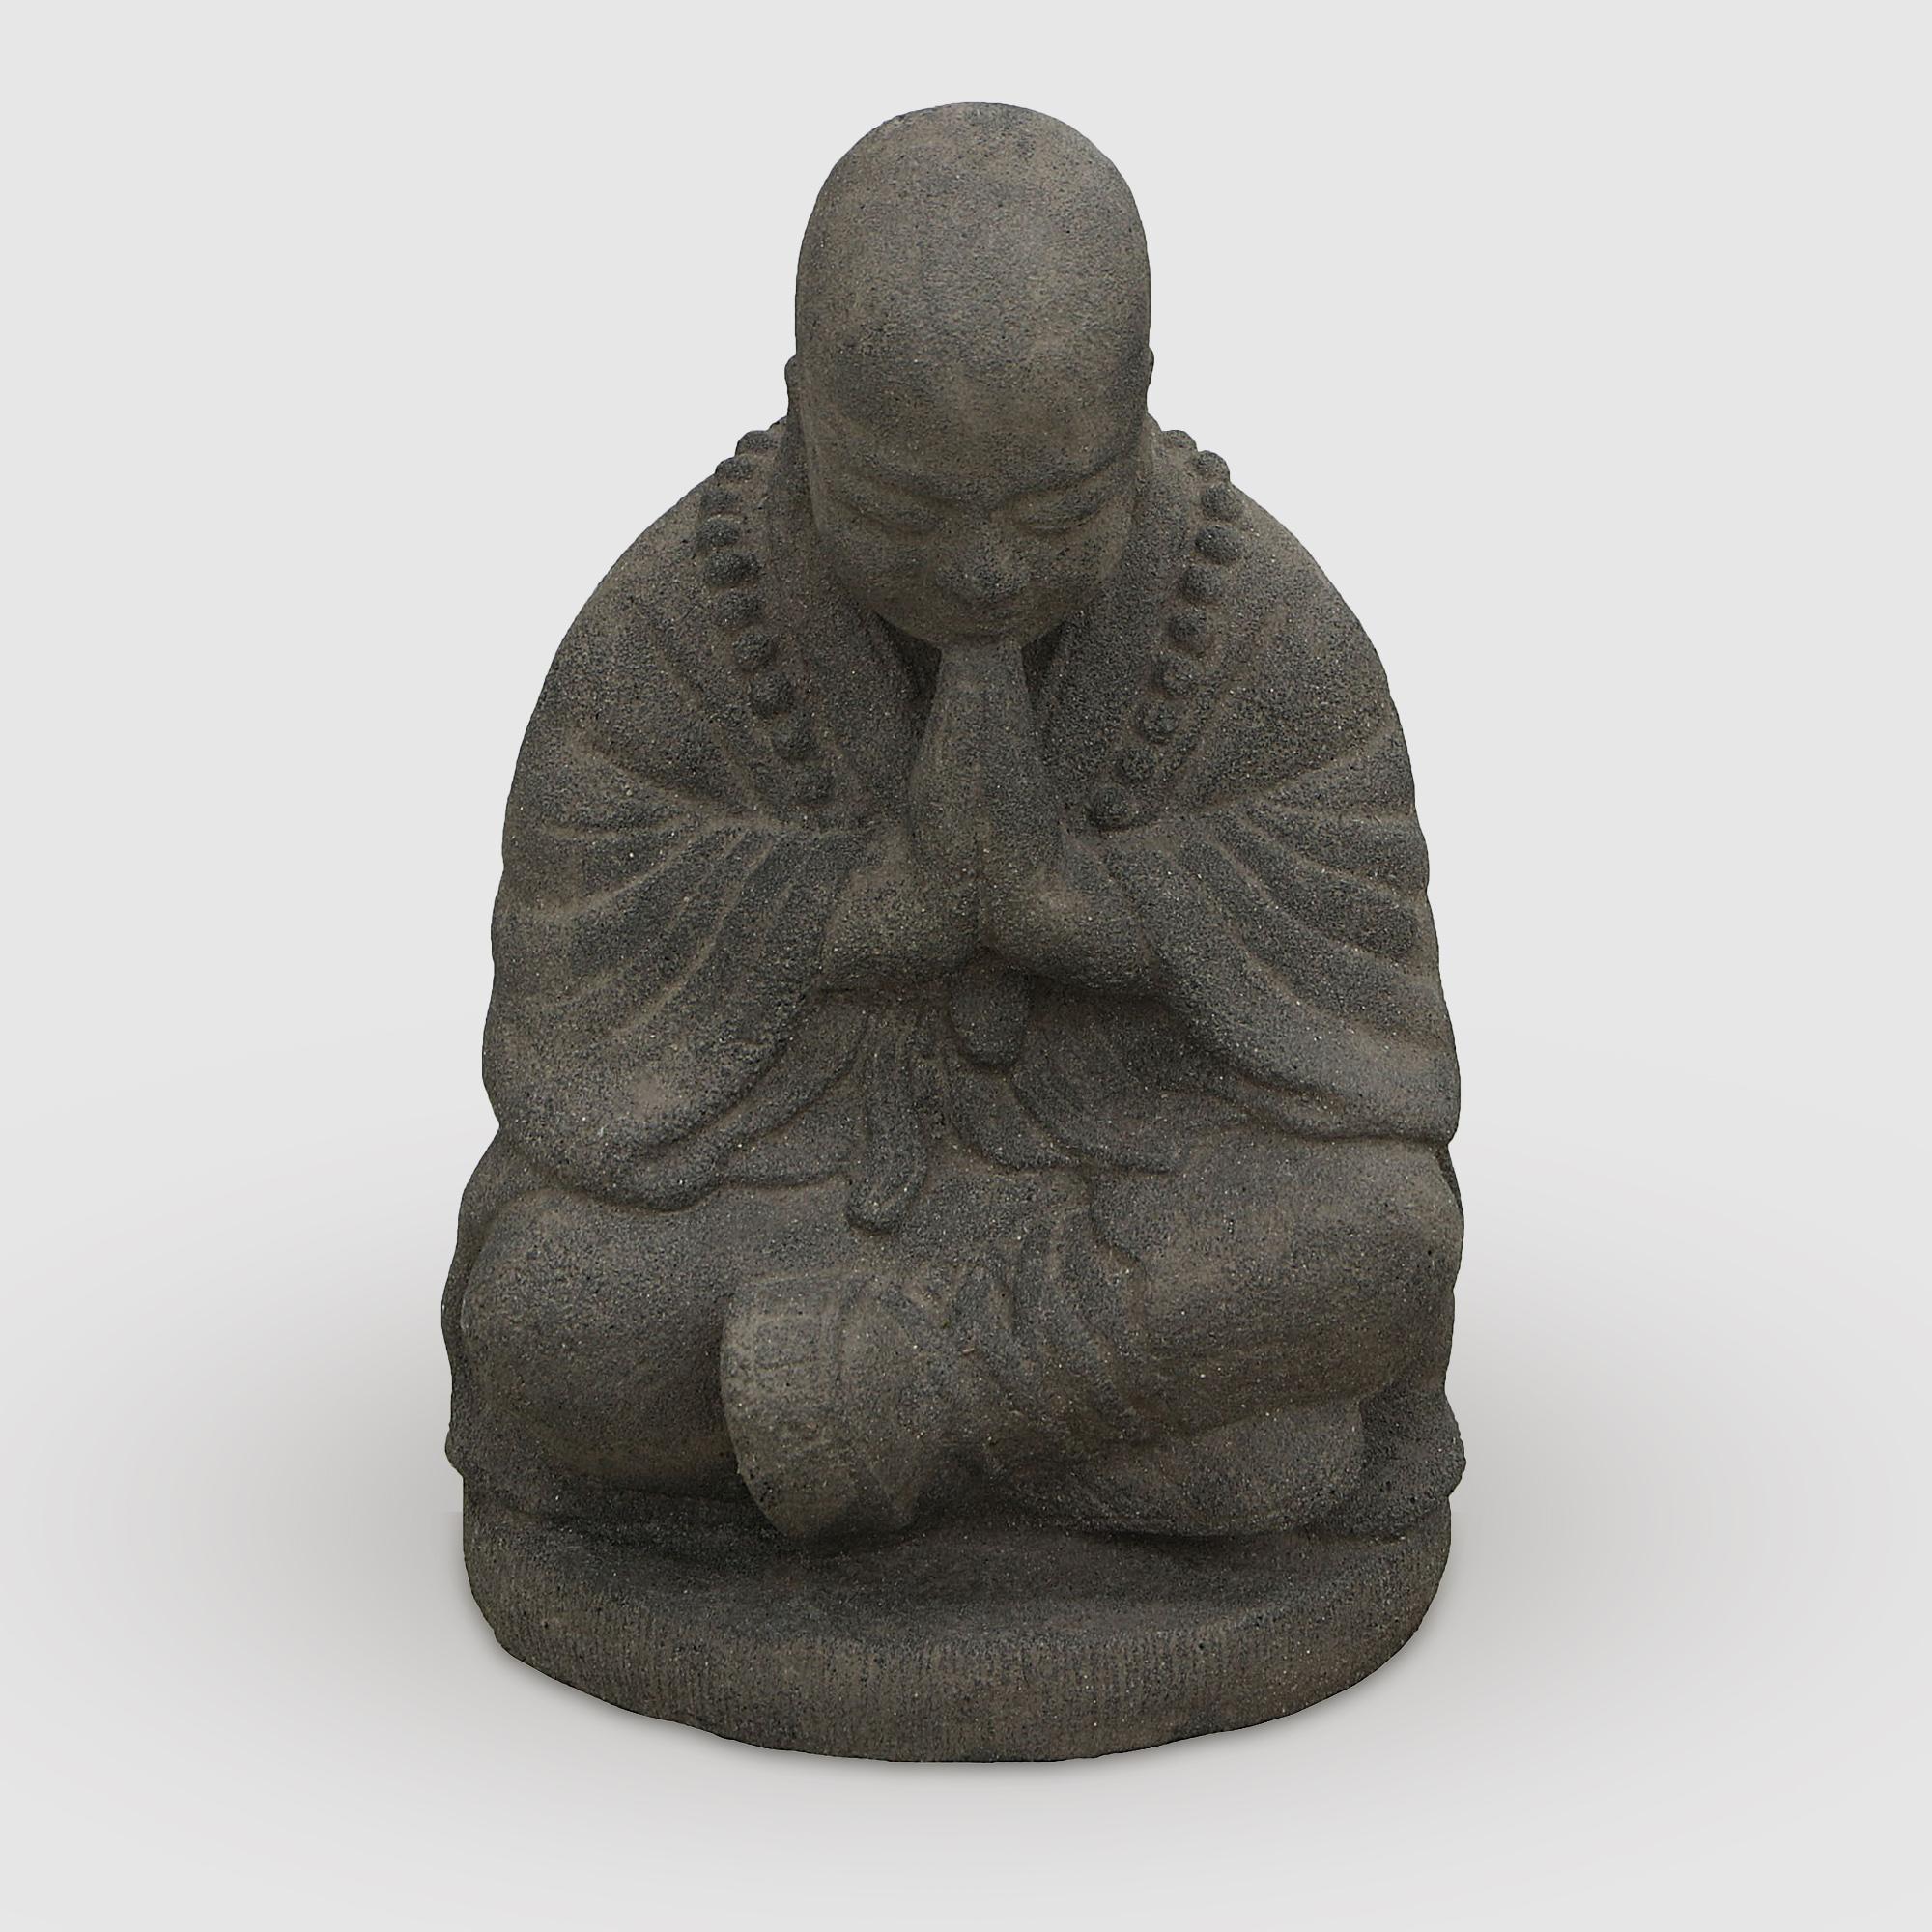 Фигура садовая Asia style Sitting monk